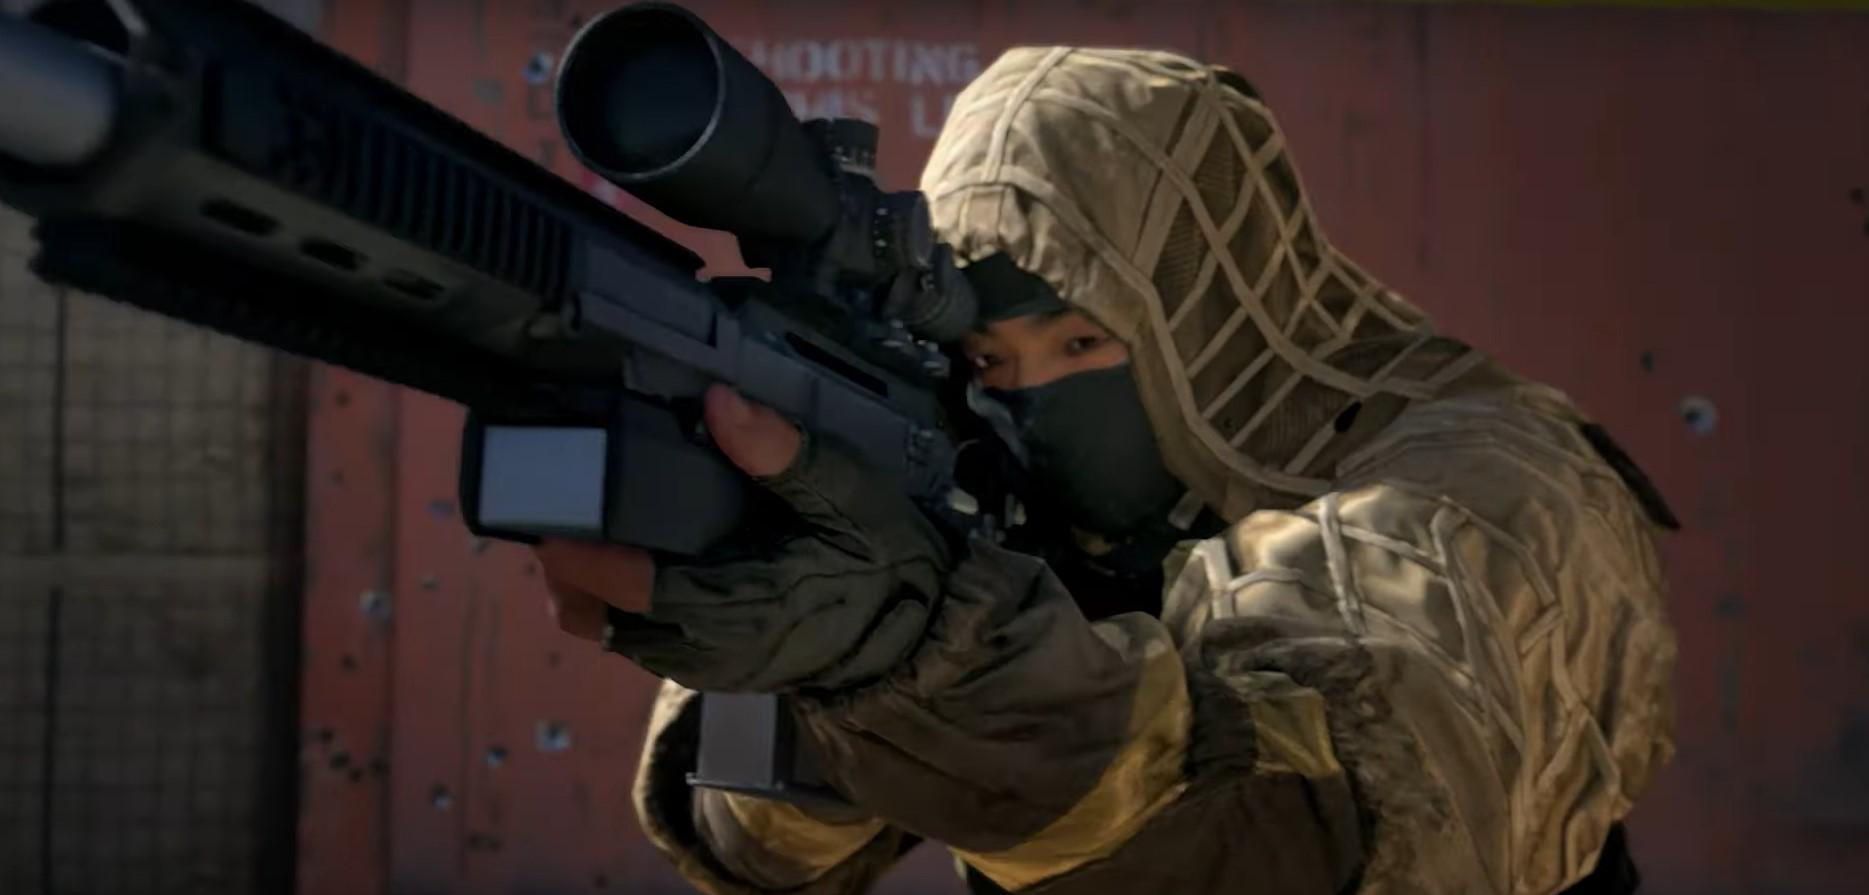 Call of Duty: Modern Warfare mostró un nuevo adelanto en Gamescom 2019 y generó polémica